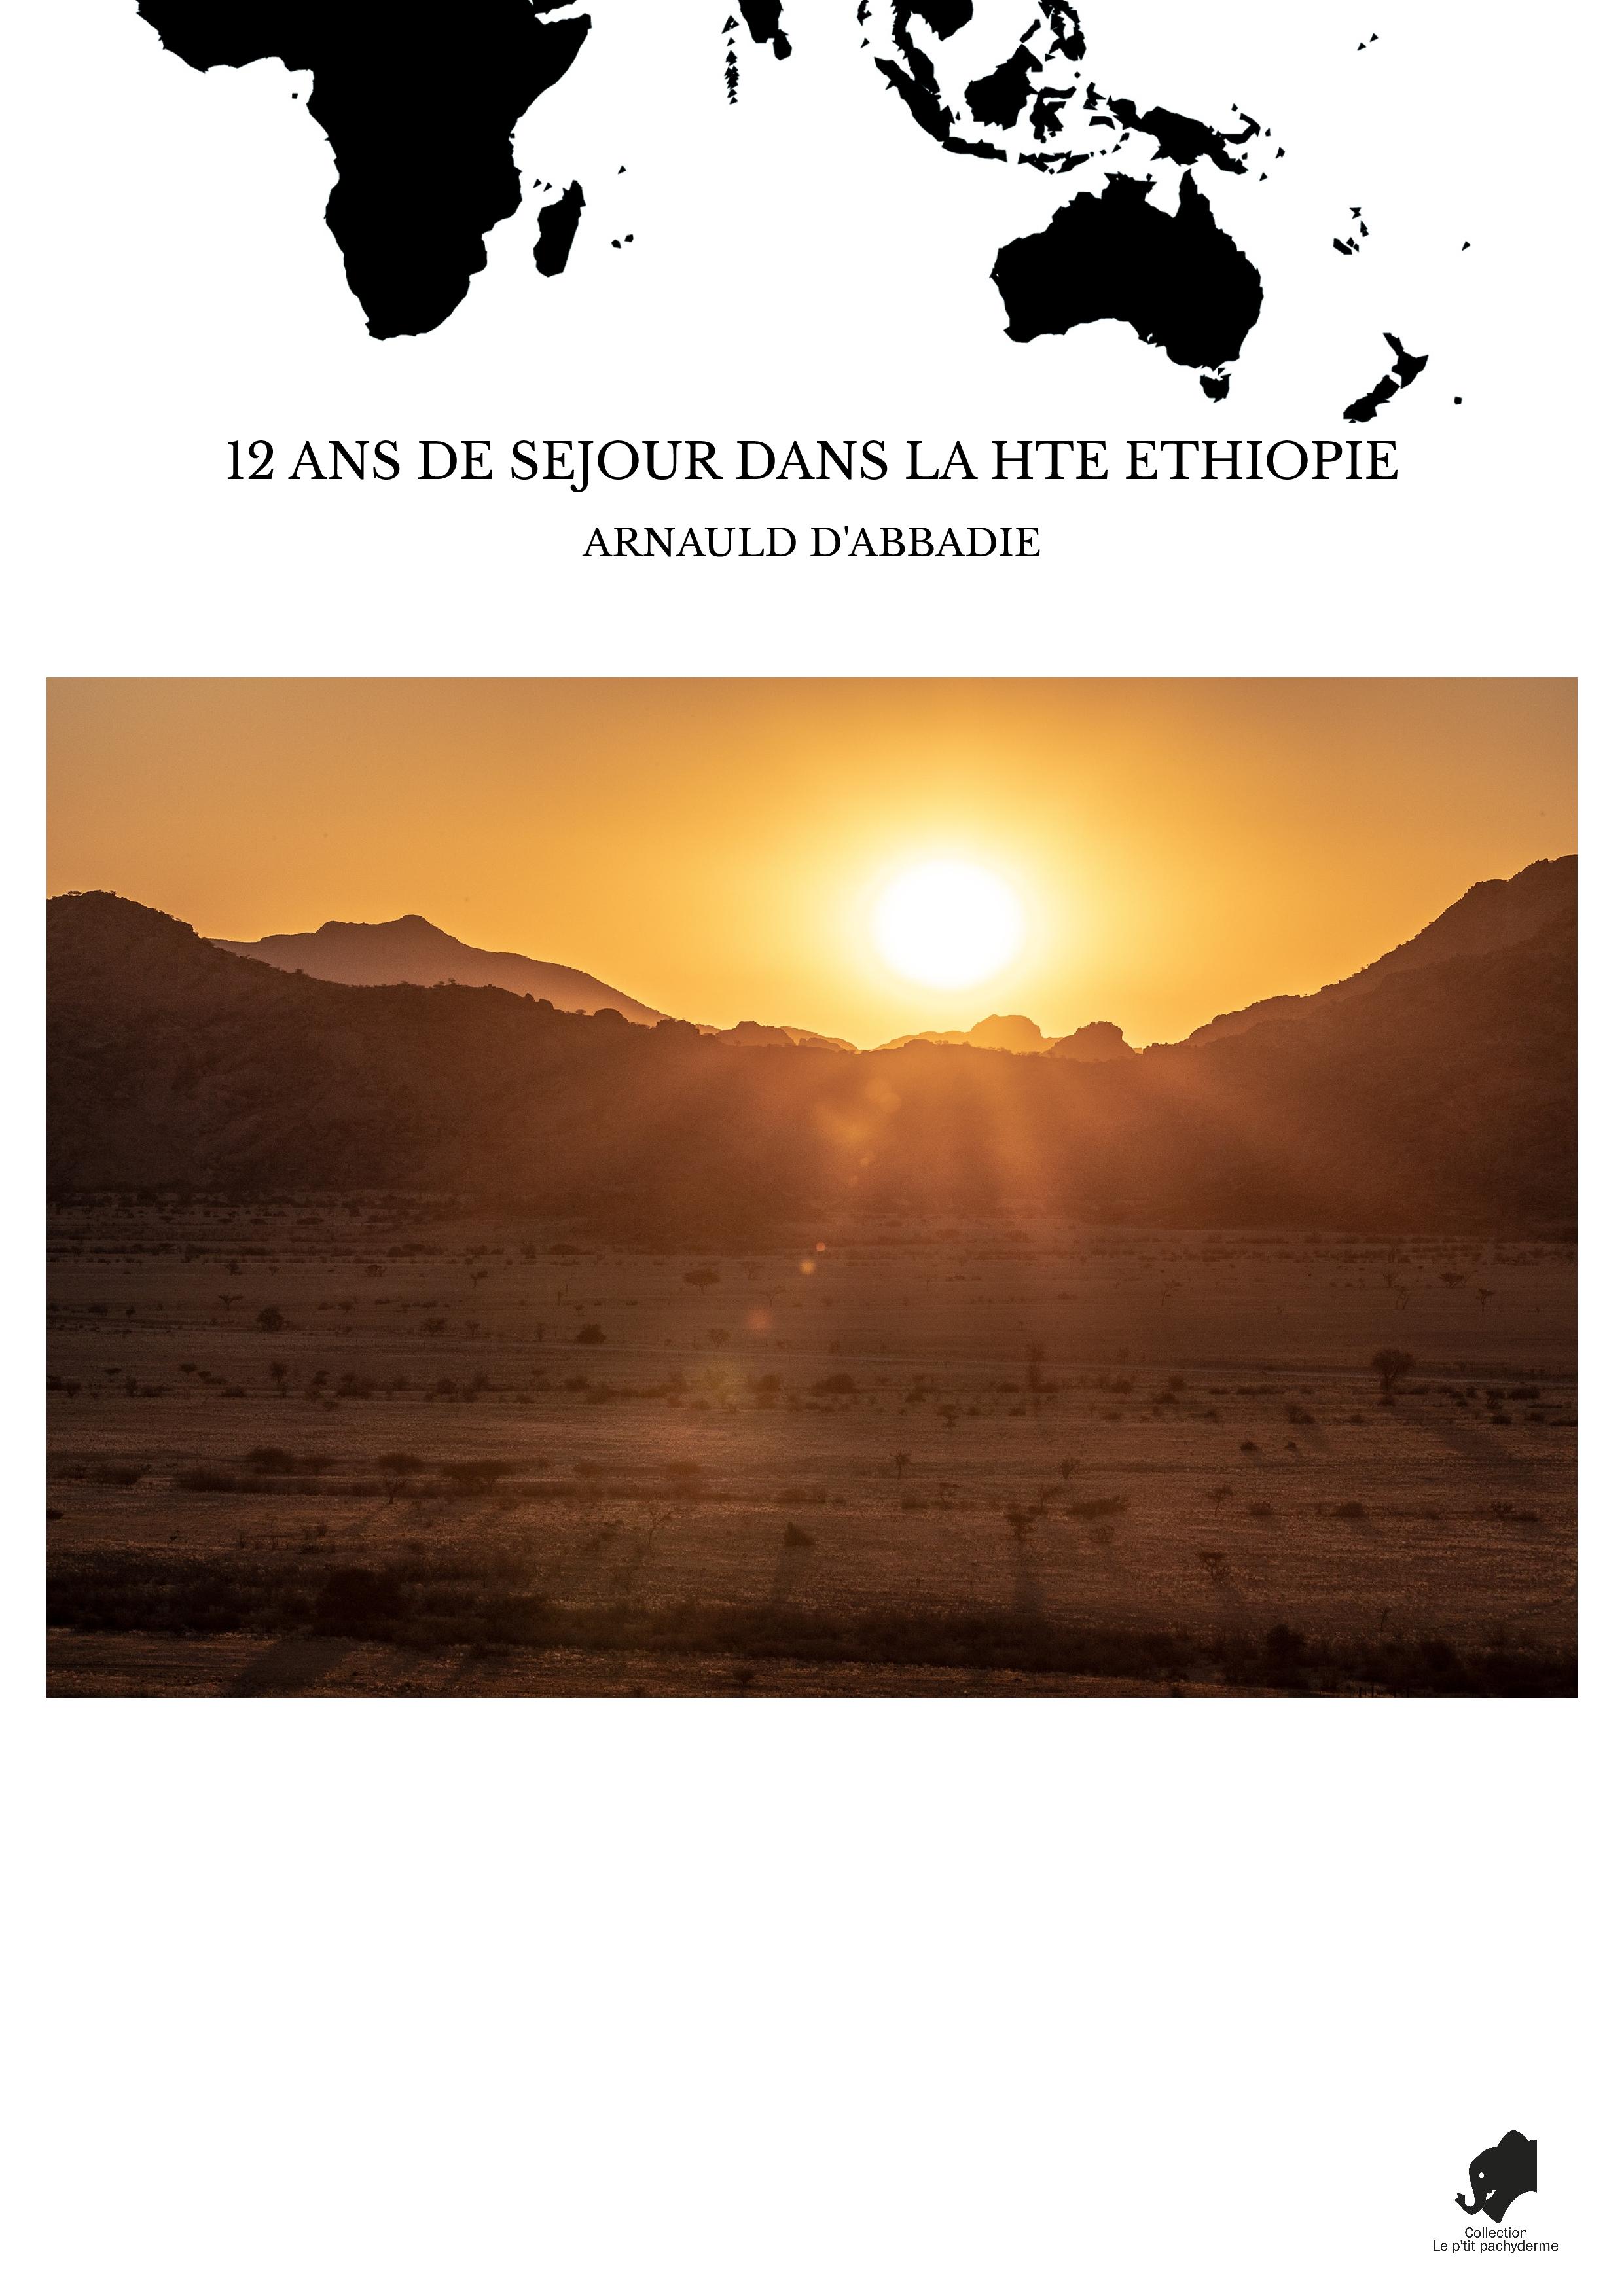 12 ANS DE SEJOUR DANS LA HTE ETHIOPIE